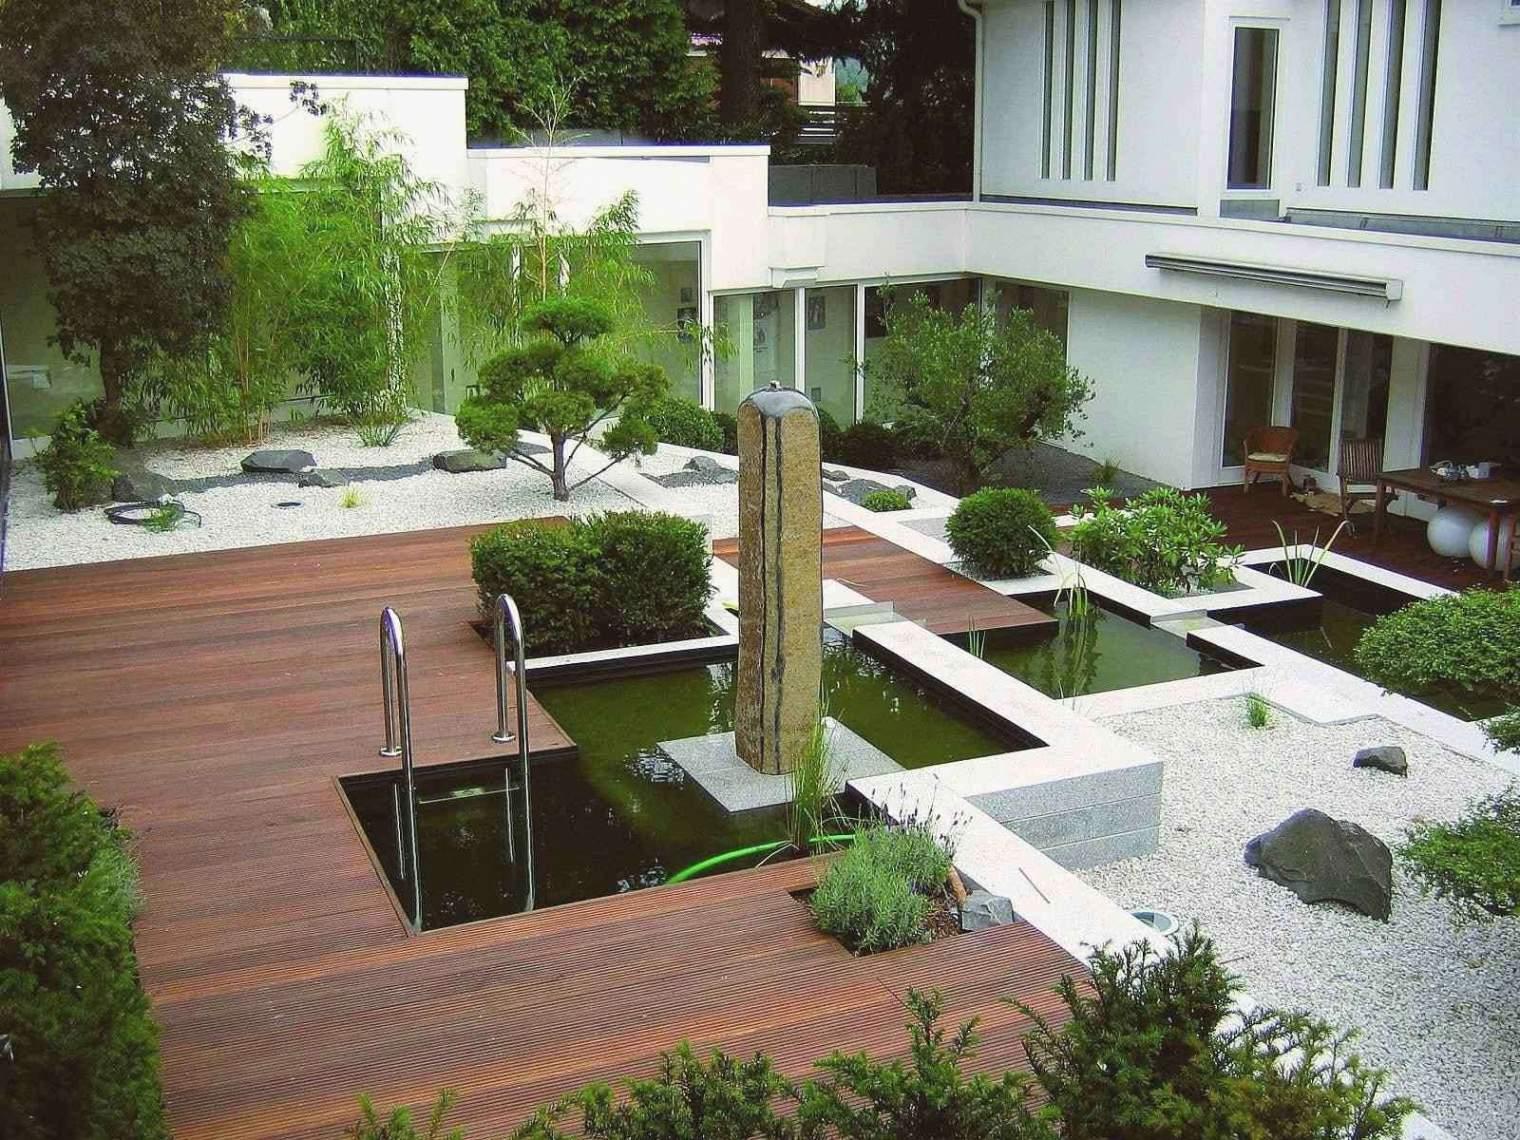 Ideen Für Gartengestaltung Luxus 24 Schön Schöne Gärten Bilder Inspirierend